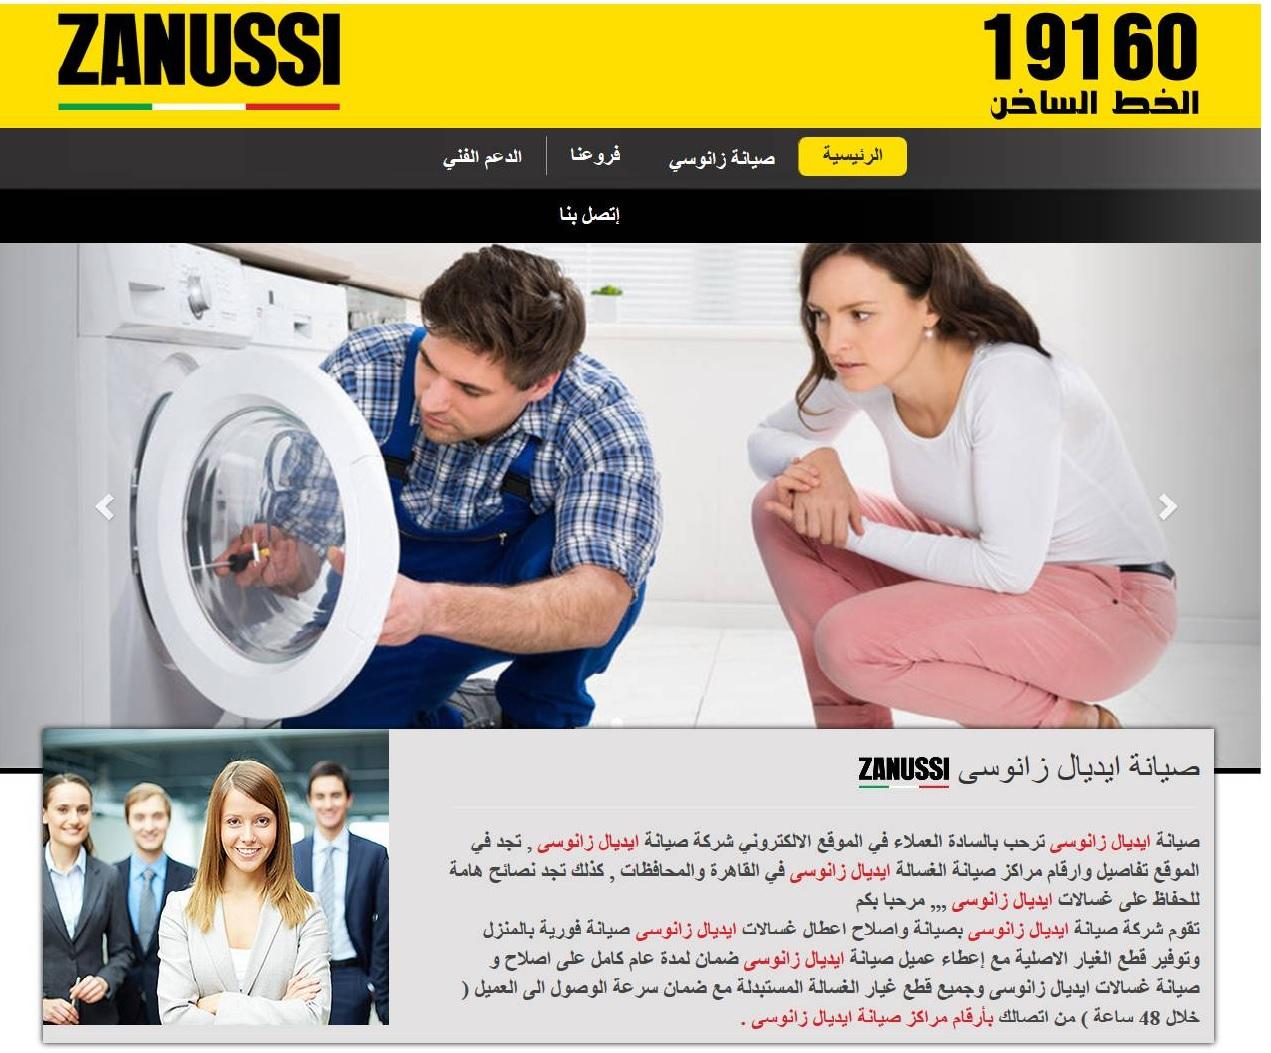 Cybersquatting Nom Domaine Zanussi - Faux service support